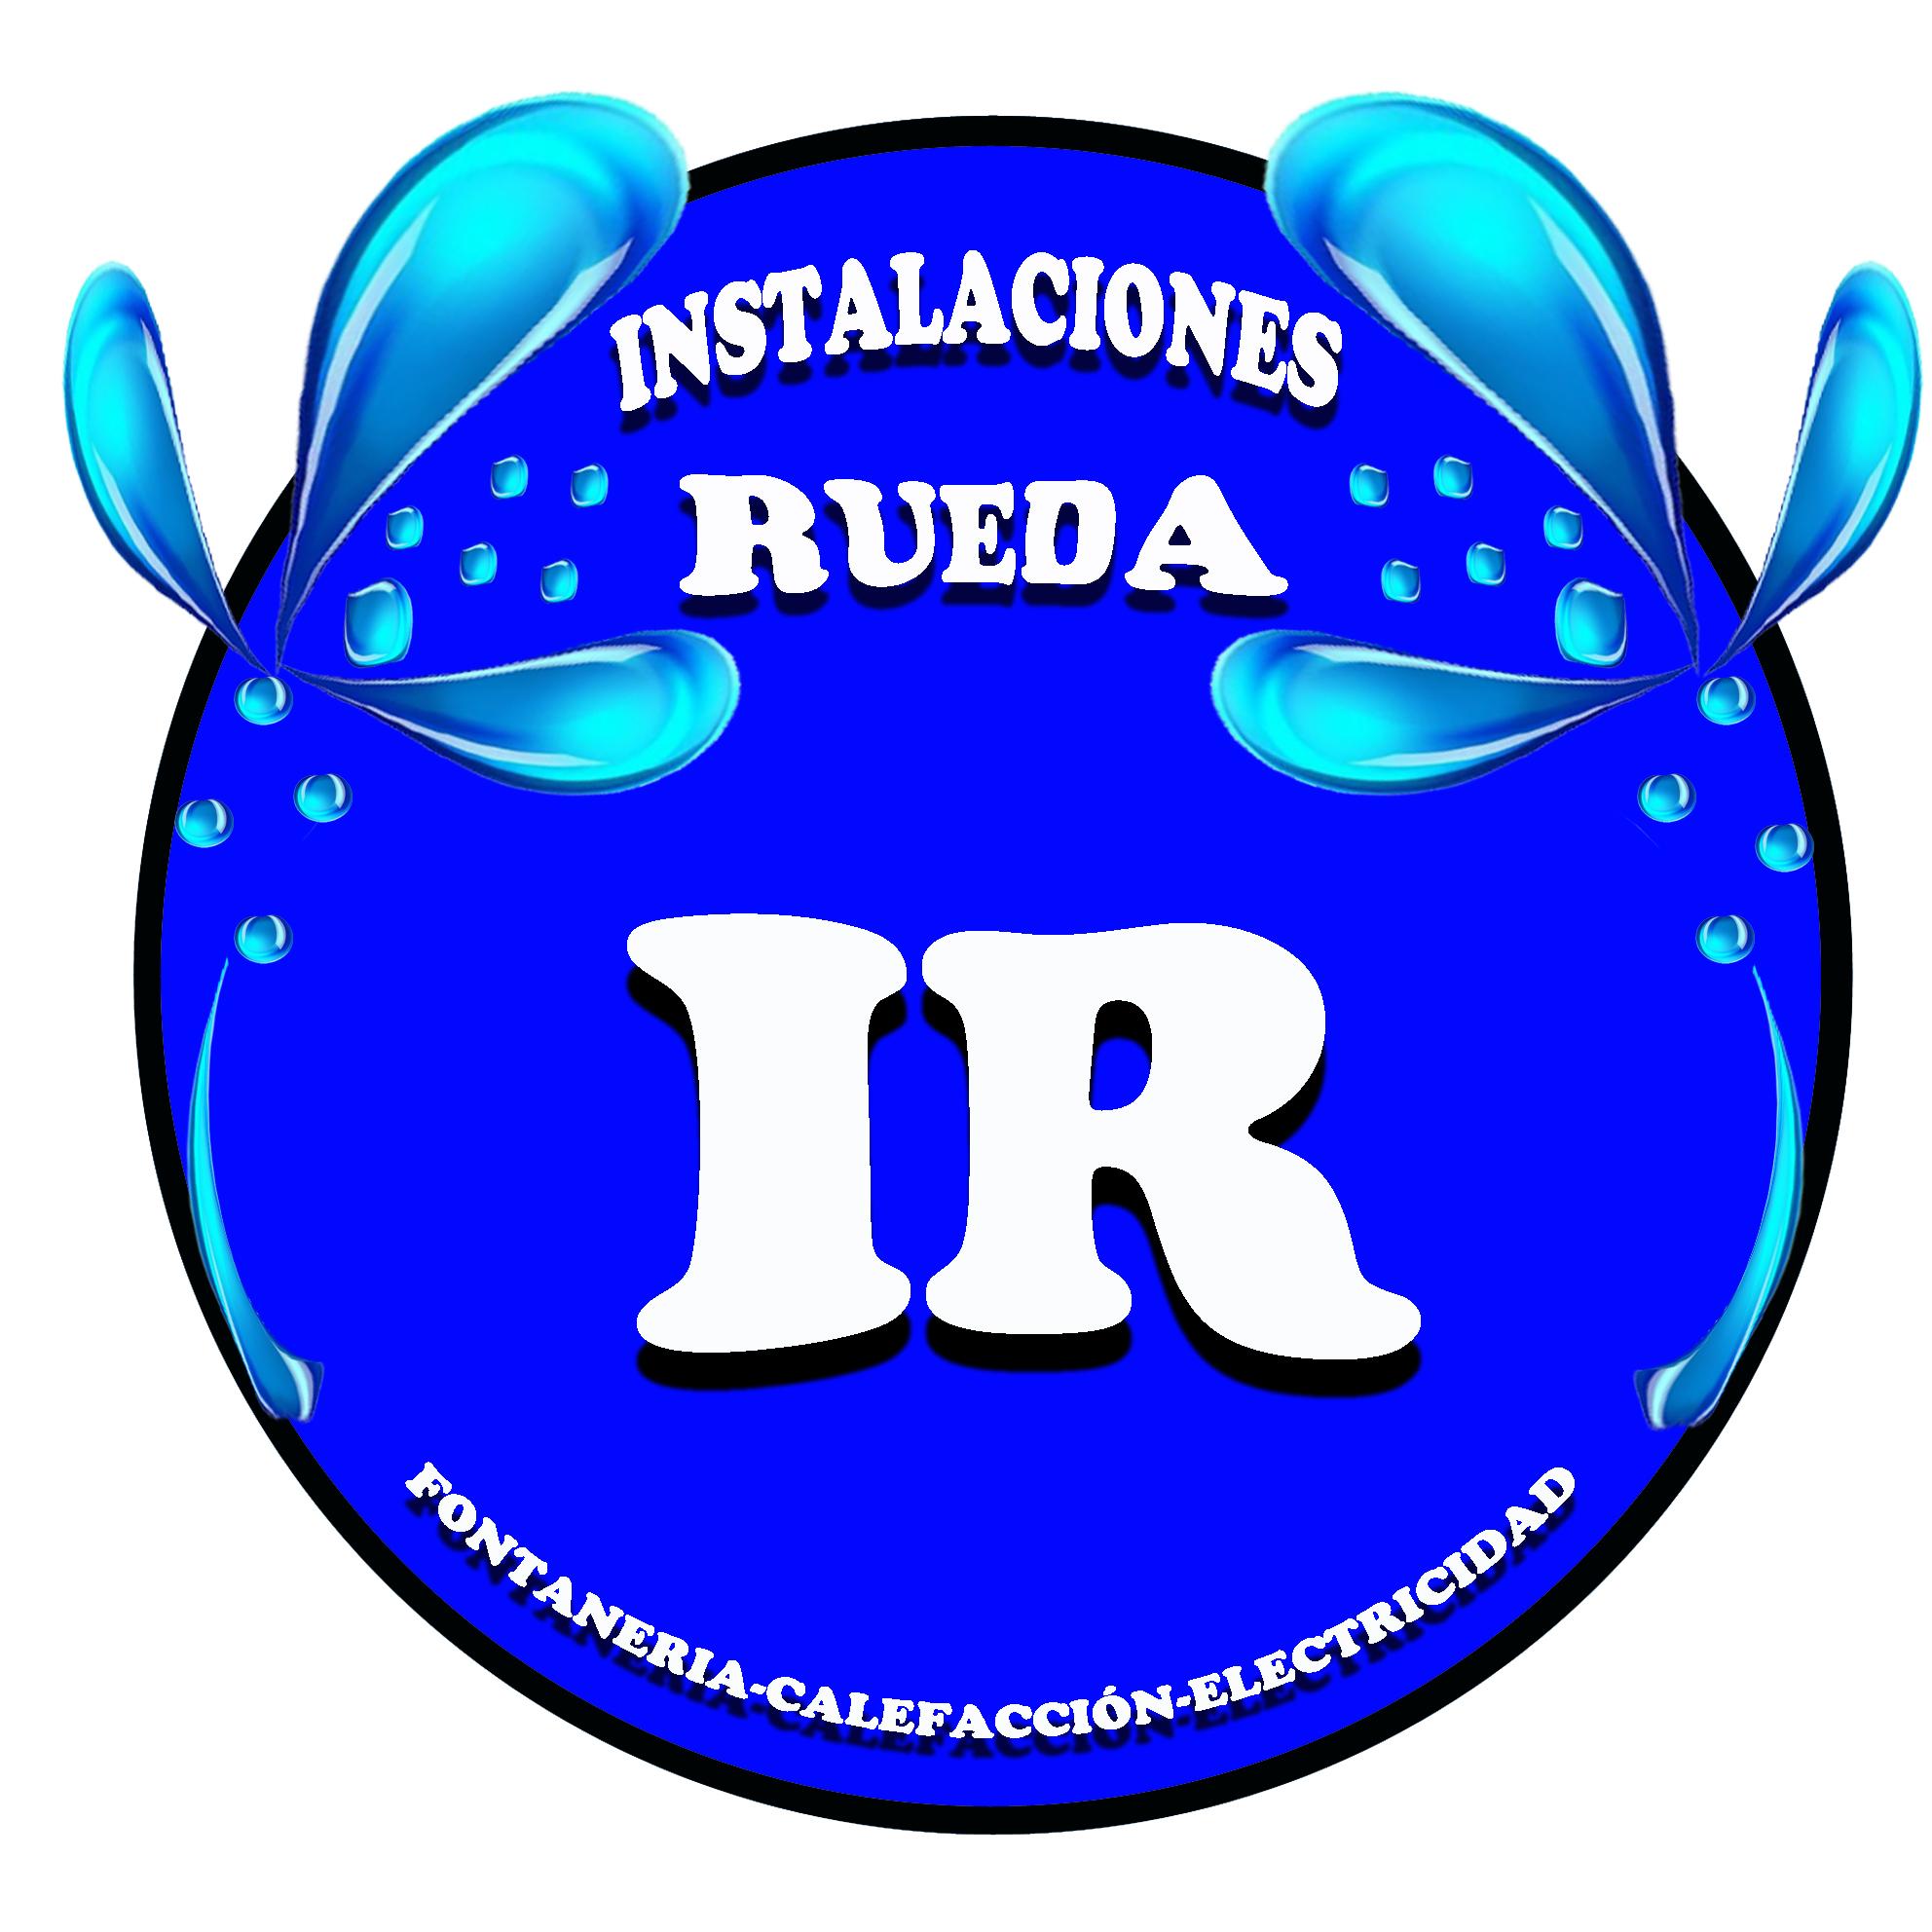 Instalaciones Rueda